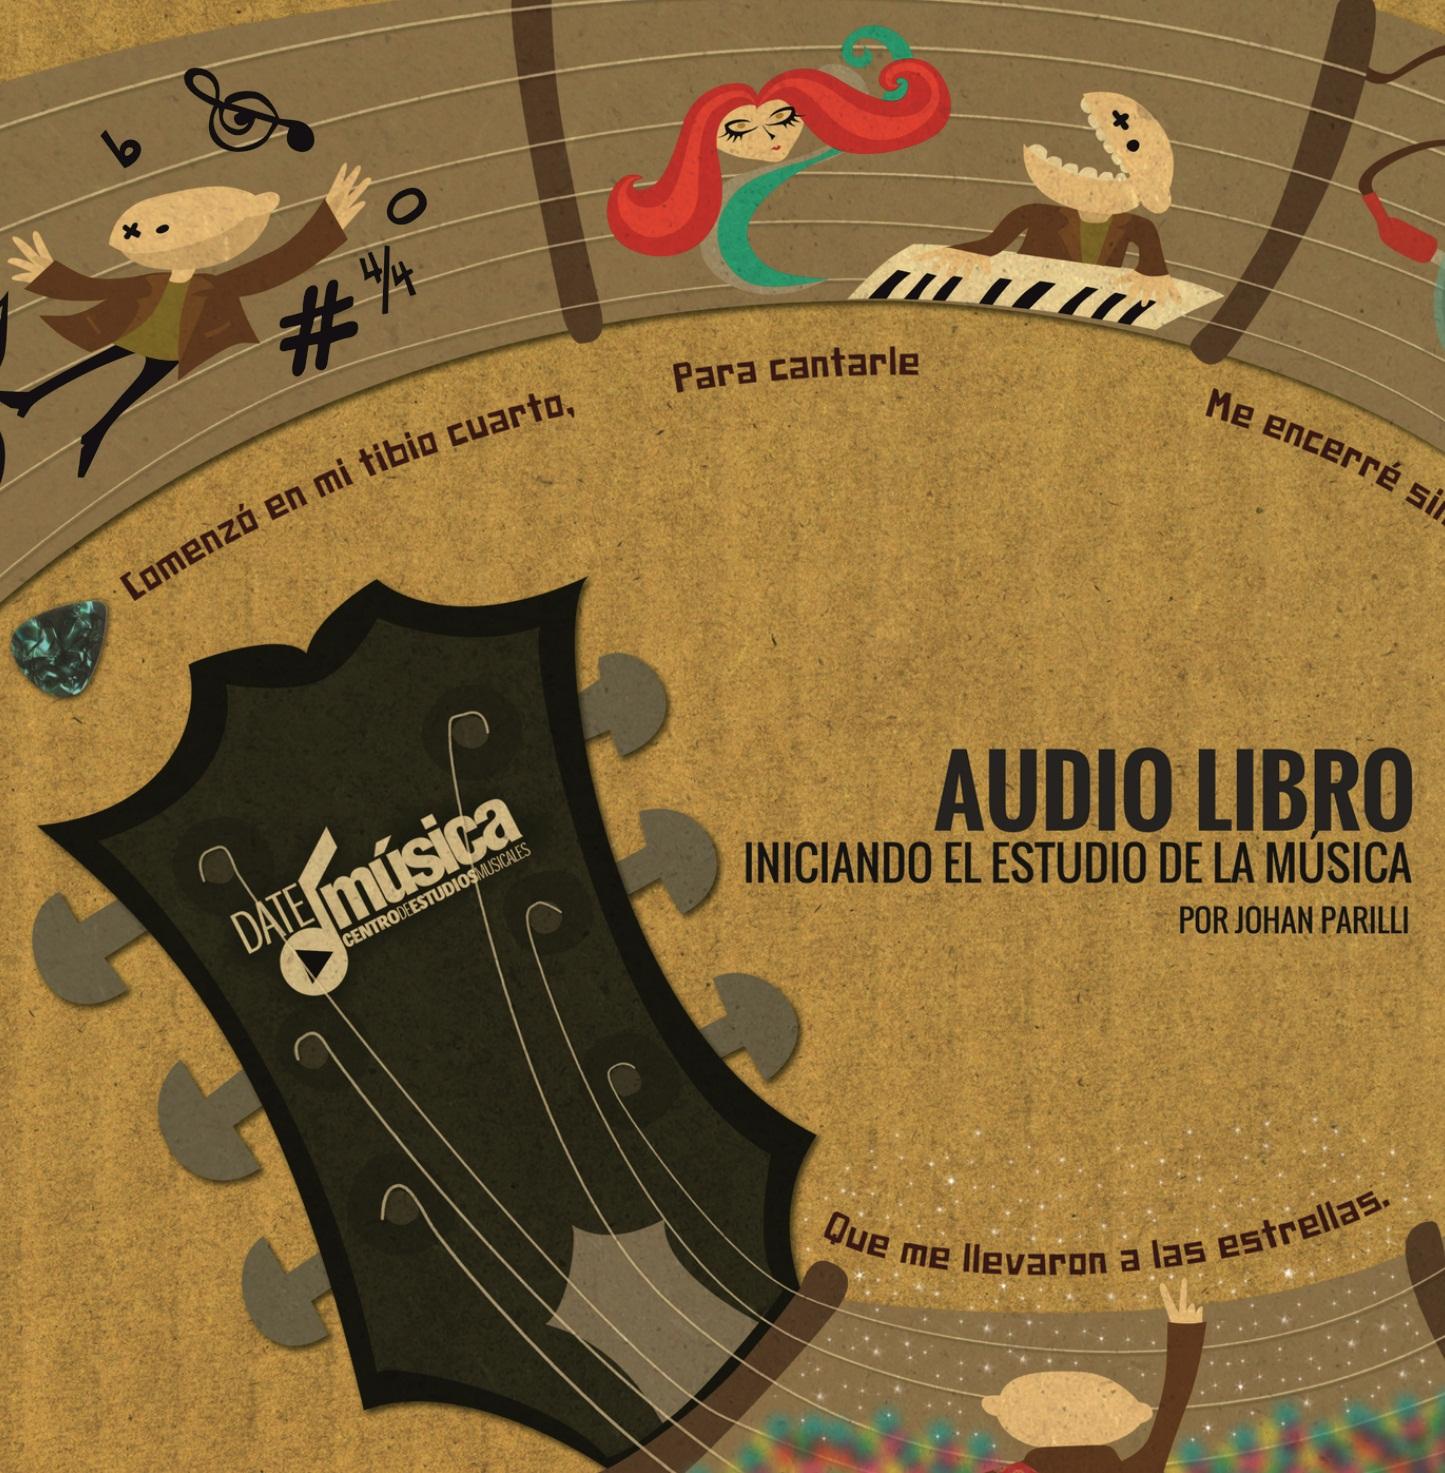 AUDIO LIBRO - Nuevo